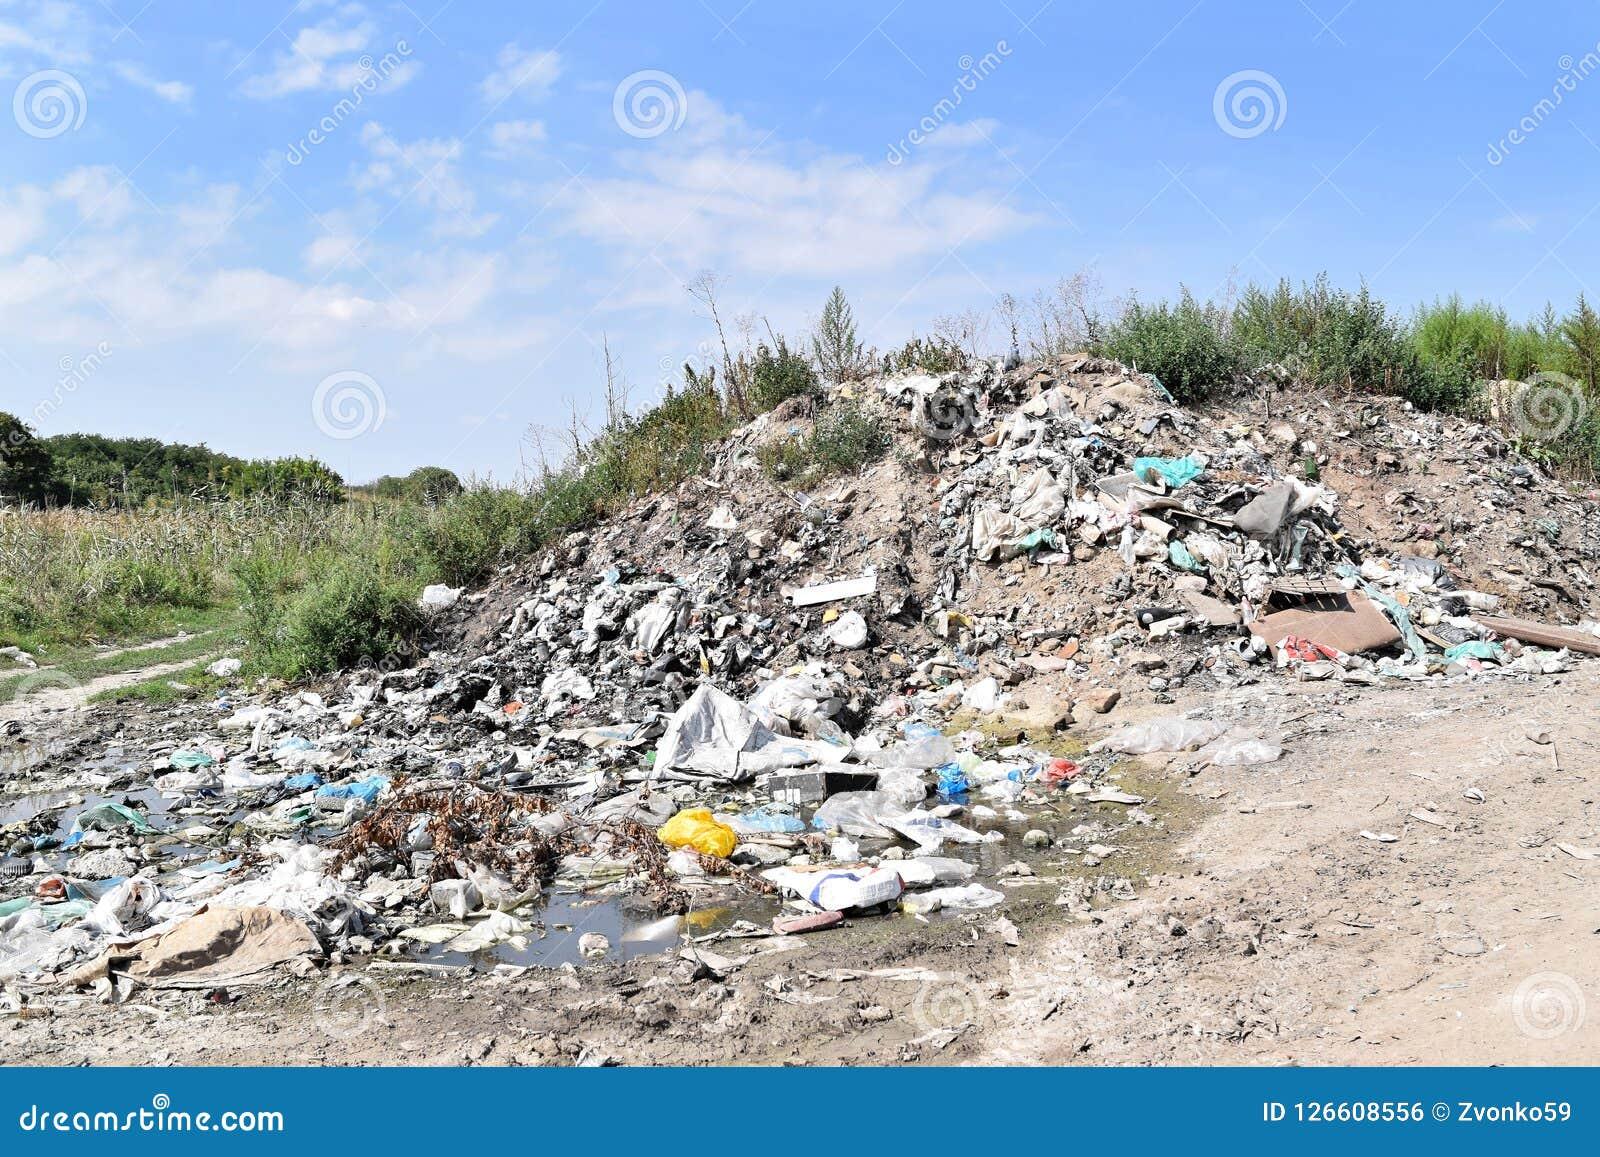 Свалка мусора, экологическая катастрофа в Восточной Европе